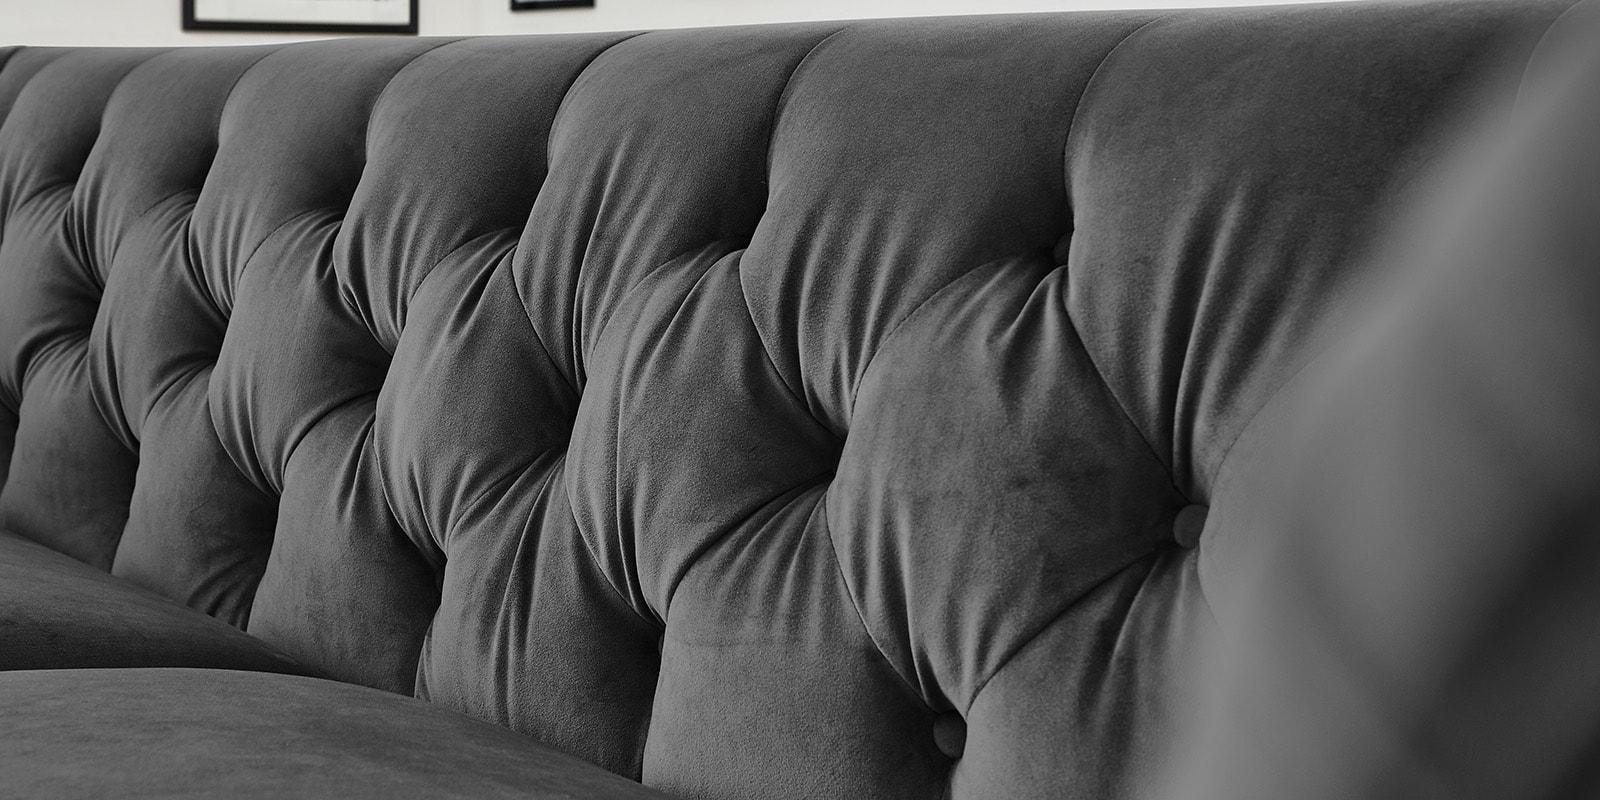 Moebella24 - 3-2-1-Sitzer - Sofa - Hudson - Chesterfield - Samt - Anthrazit - Dekorative - Nähte - und - Versteppungen - Knopfheftung - Detailaufnahme